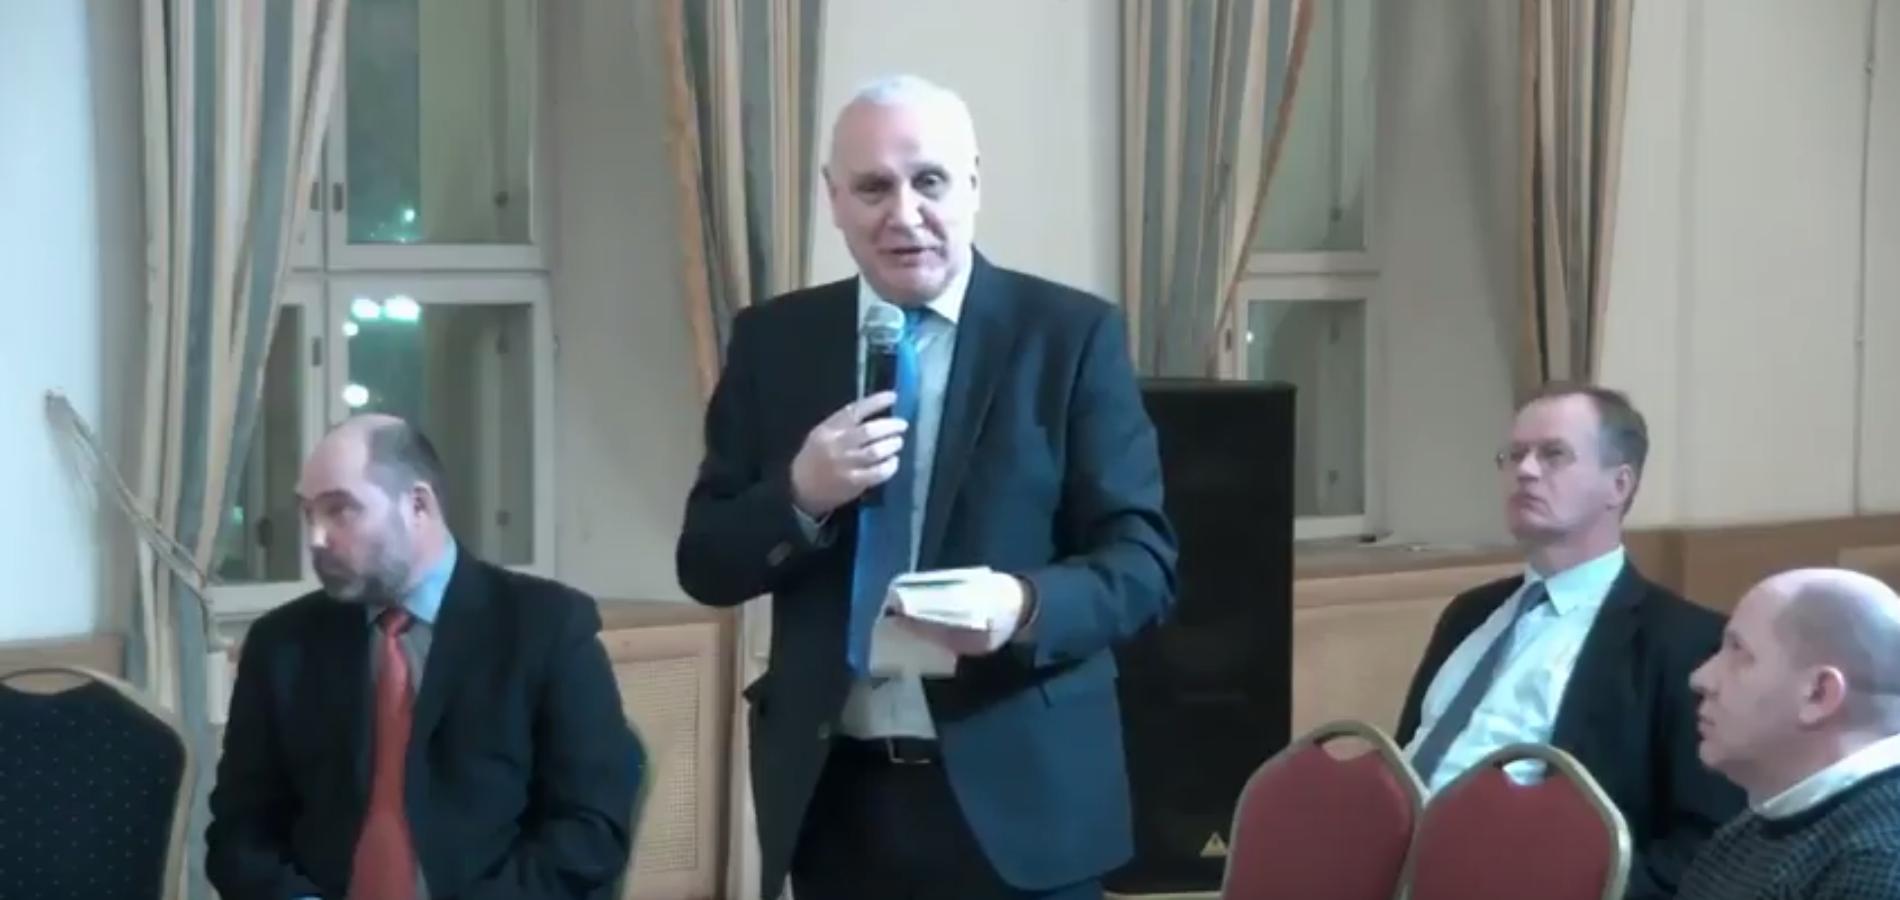 Выступление Михаила Кротова на заседании Столыпинского клуба 26 декабря 2017 года